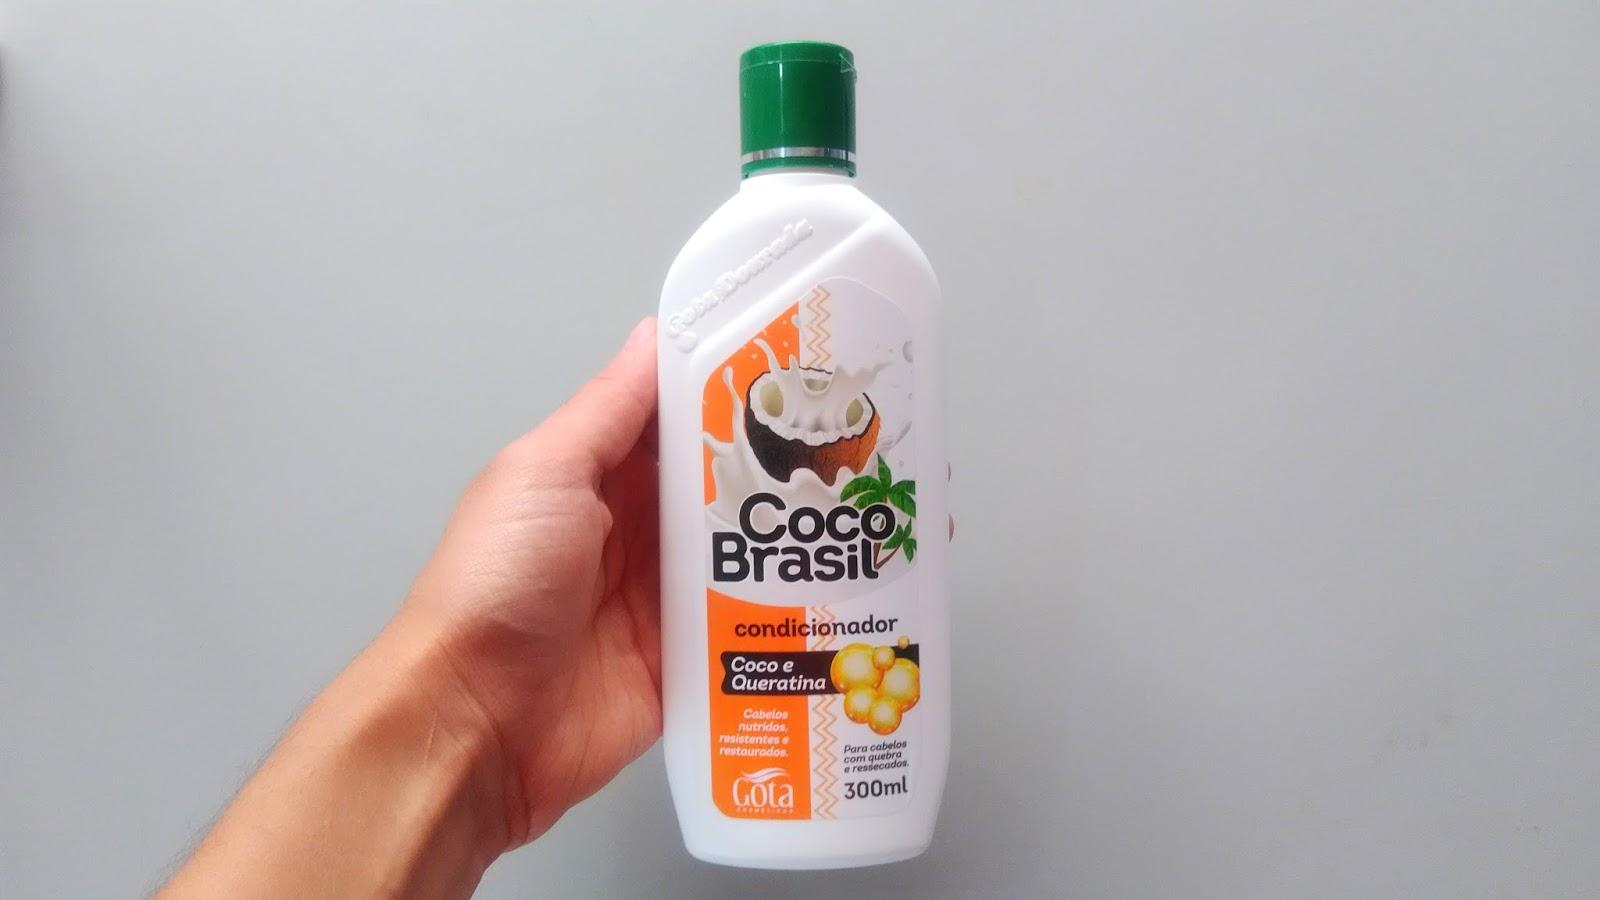 coco e queratina coco brasil